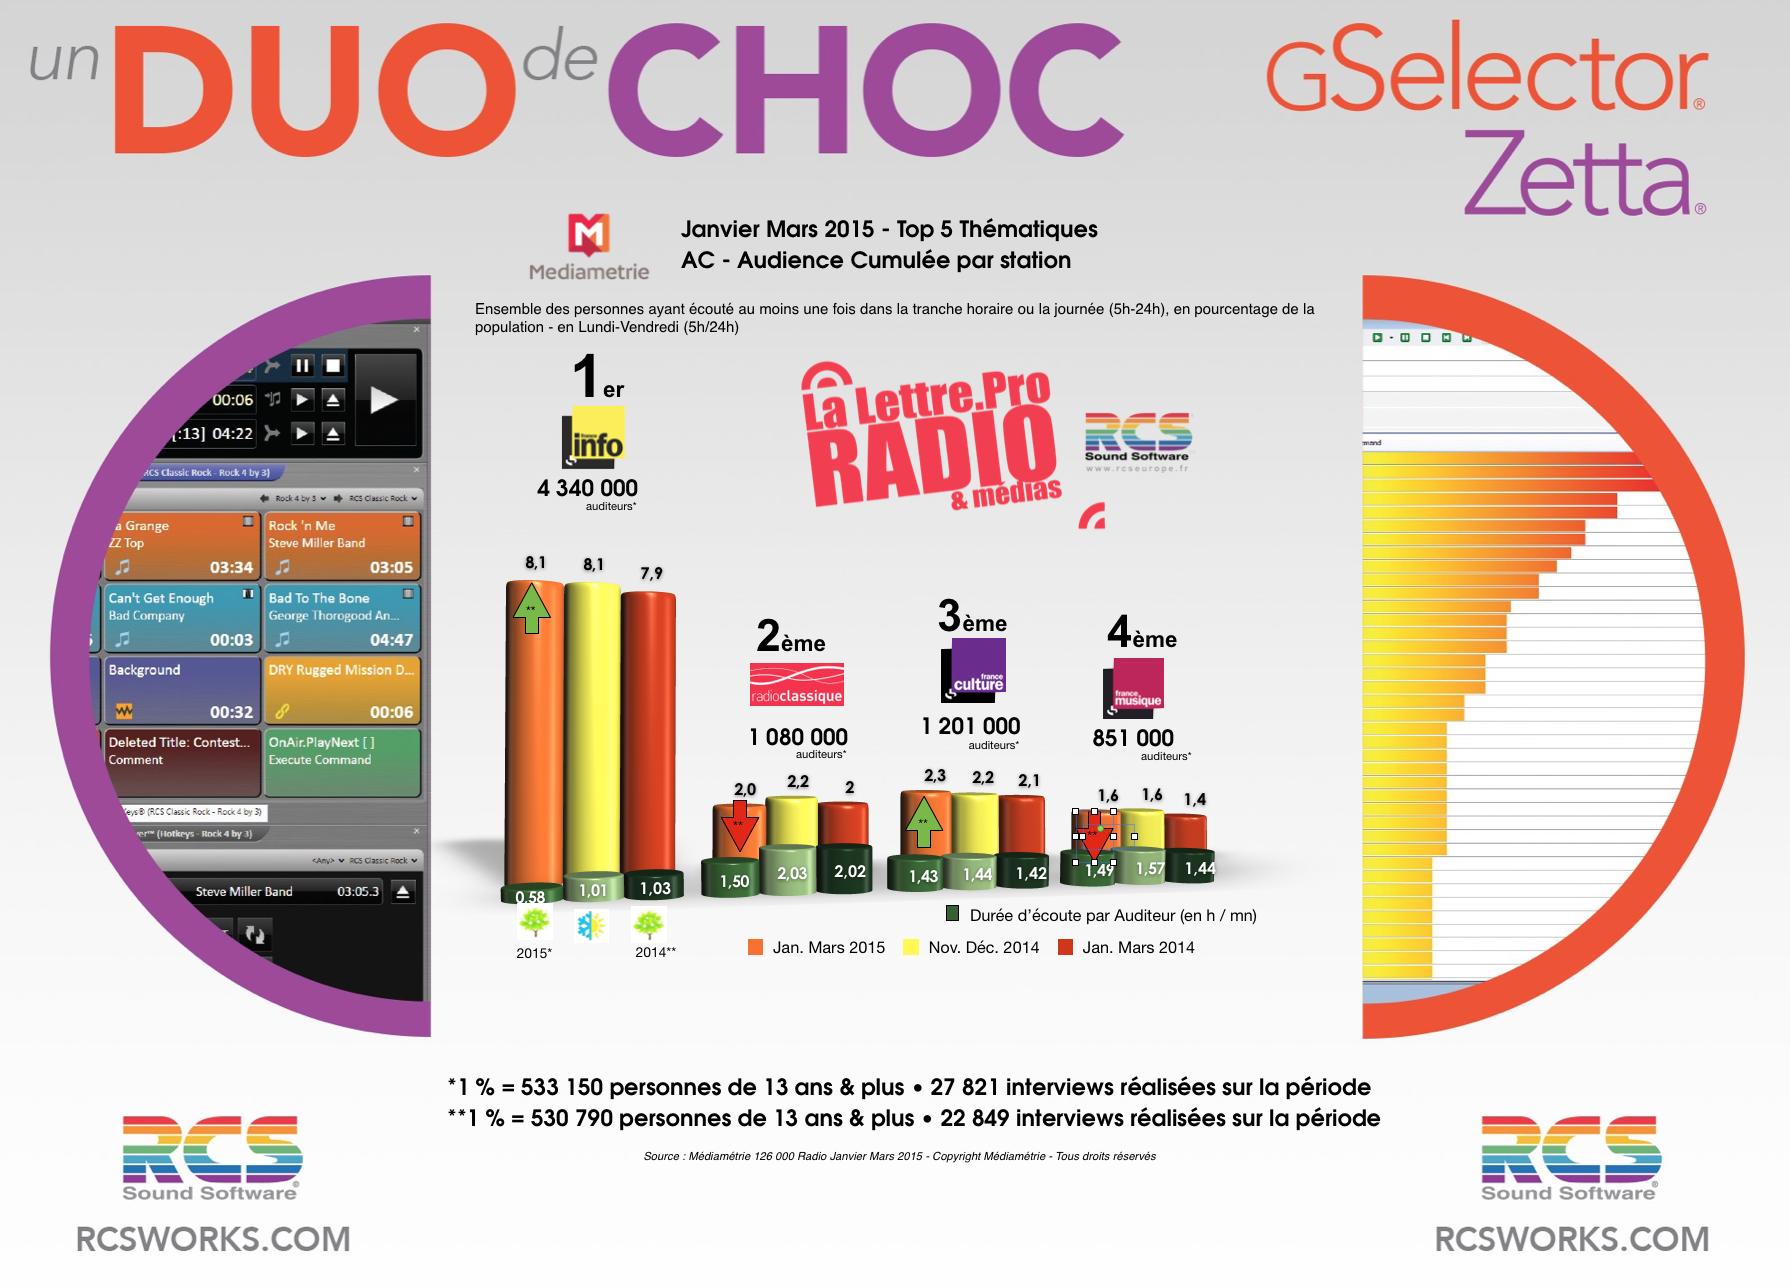 TOP 5 Thématiques  - Diagramme exclusif LLP/RCS GSelector-Zetta - Janvier-Mars 2015